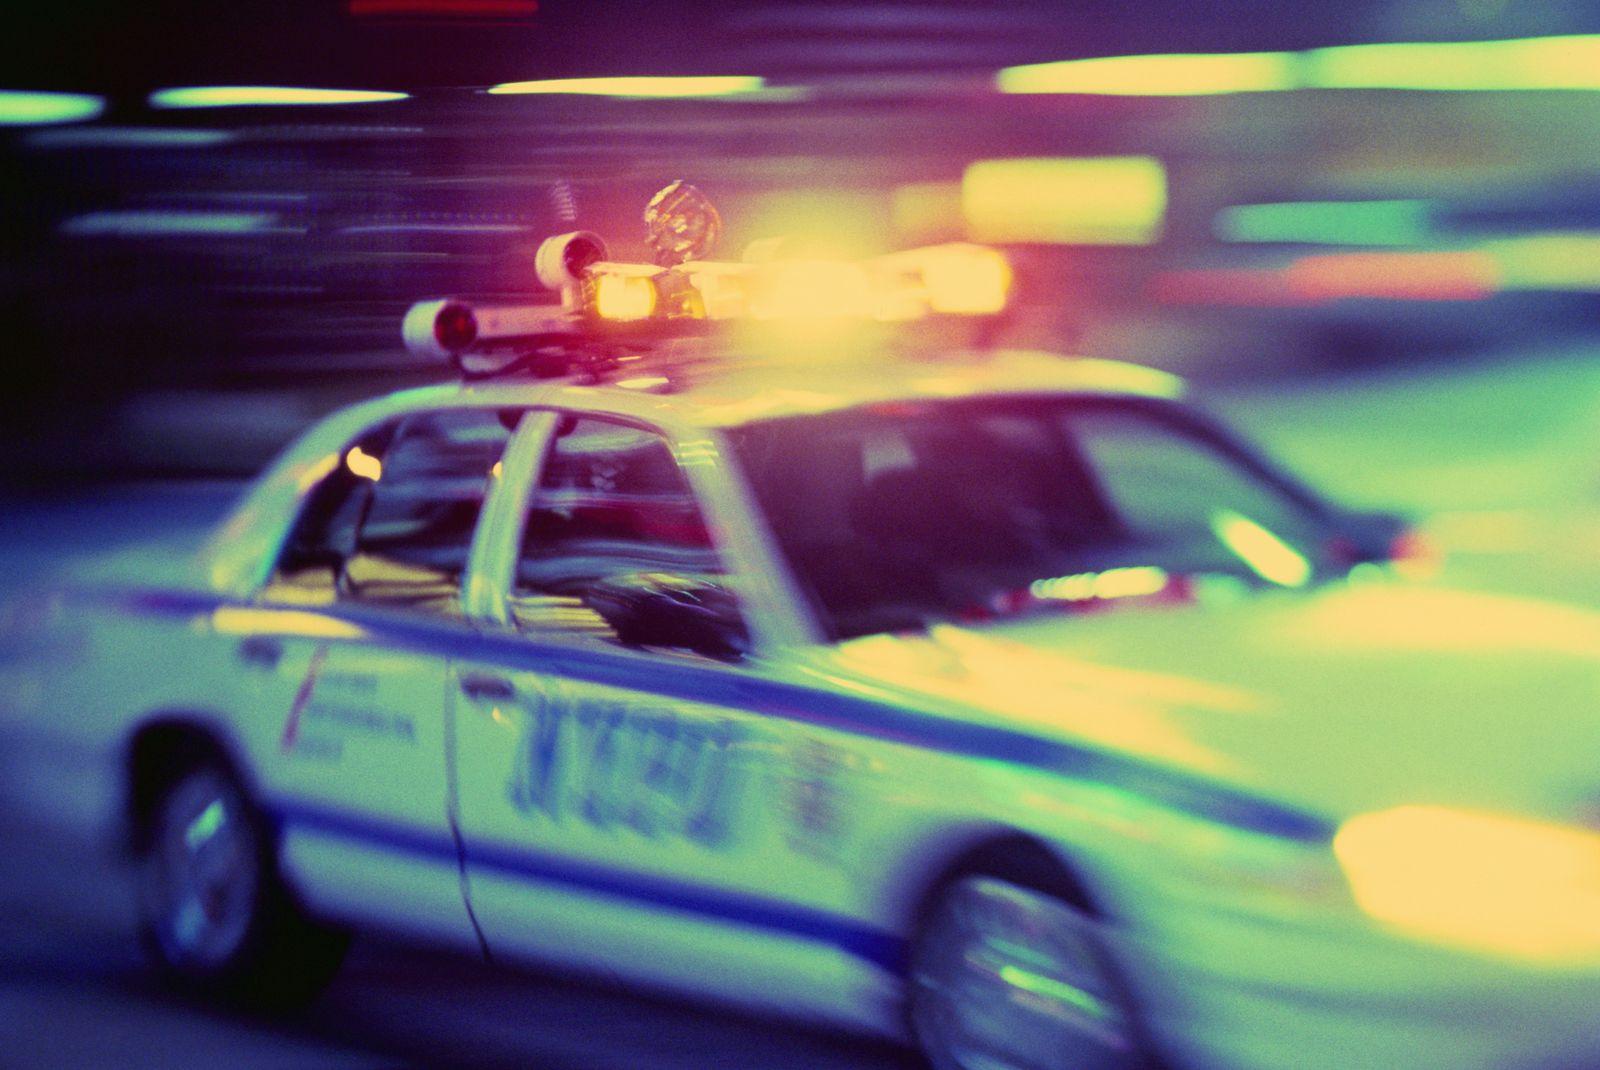 NICHT MEHR VERWENDEN! - USA / NYPD / Polizei New York / Streifenwagen